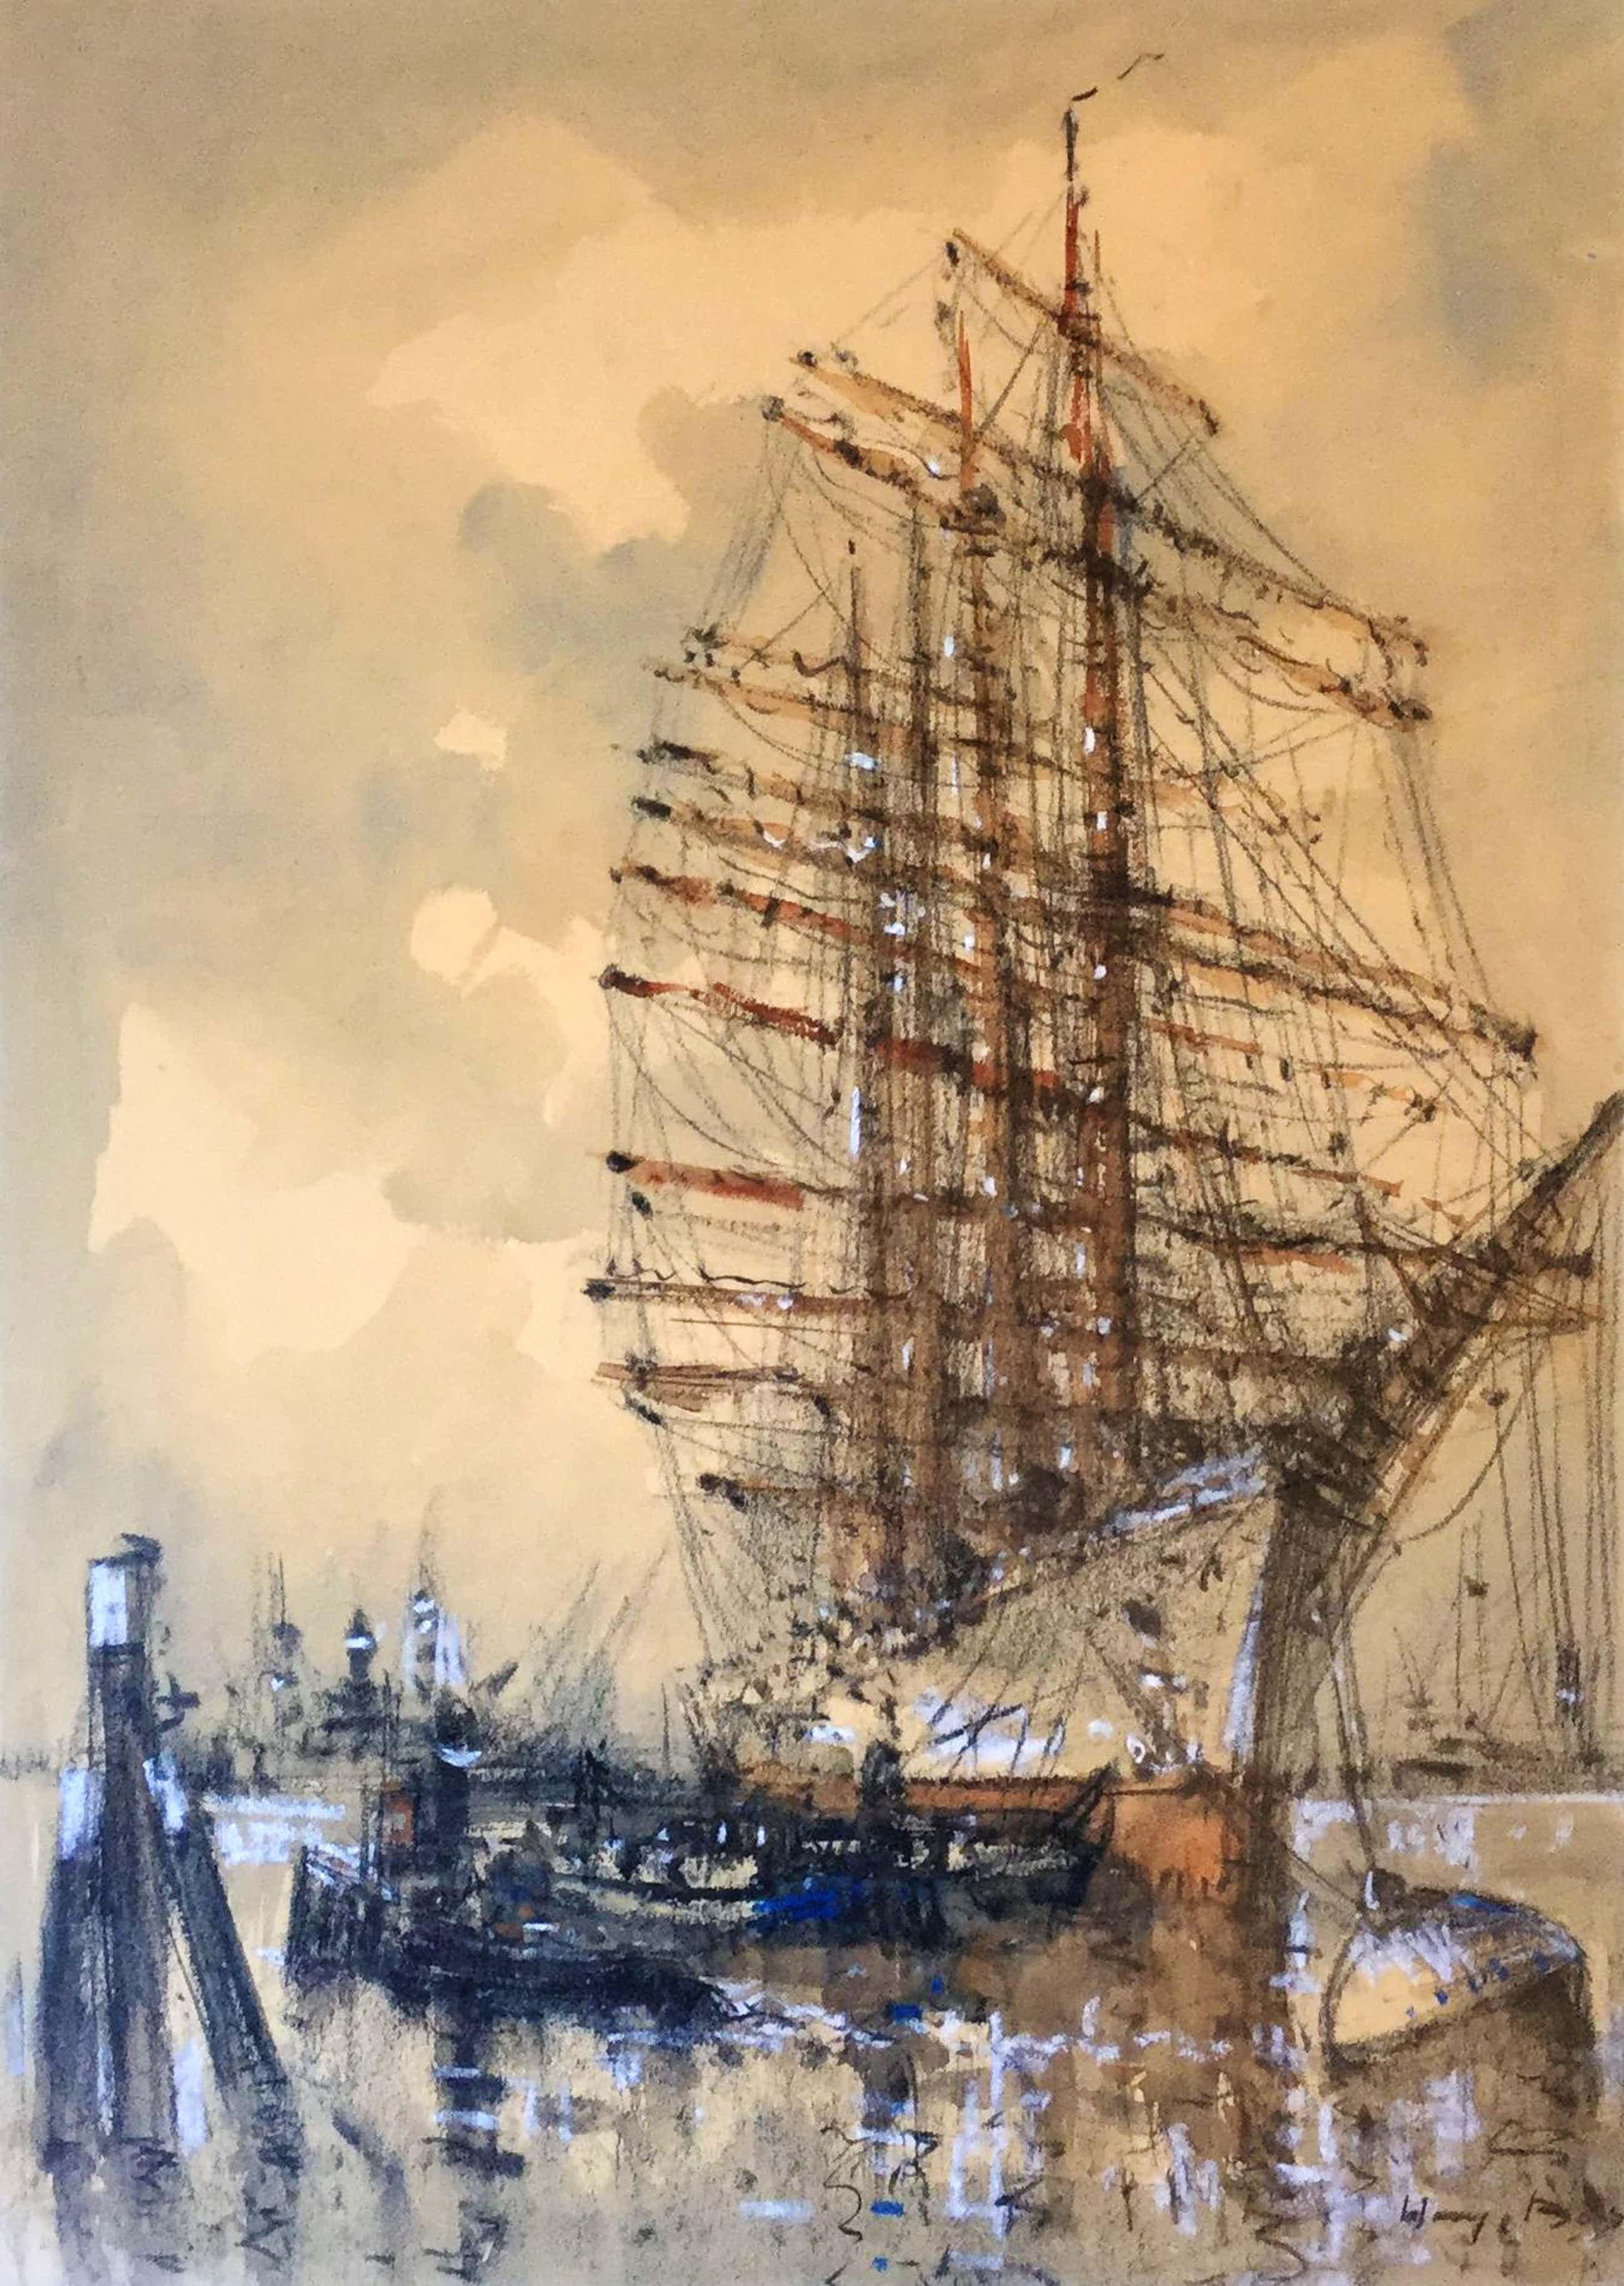 Willem Bos - C4773, Schoener in de haven van Rotterdam kopen? Bied vanaf 200!